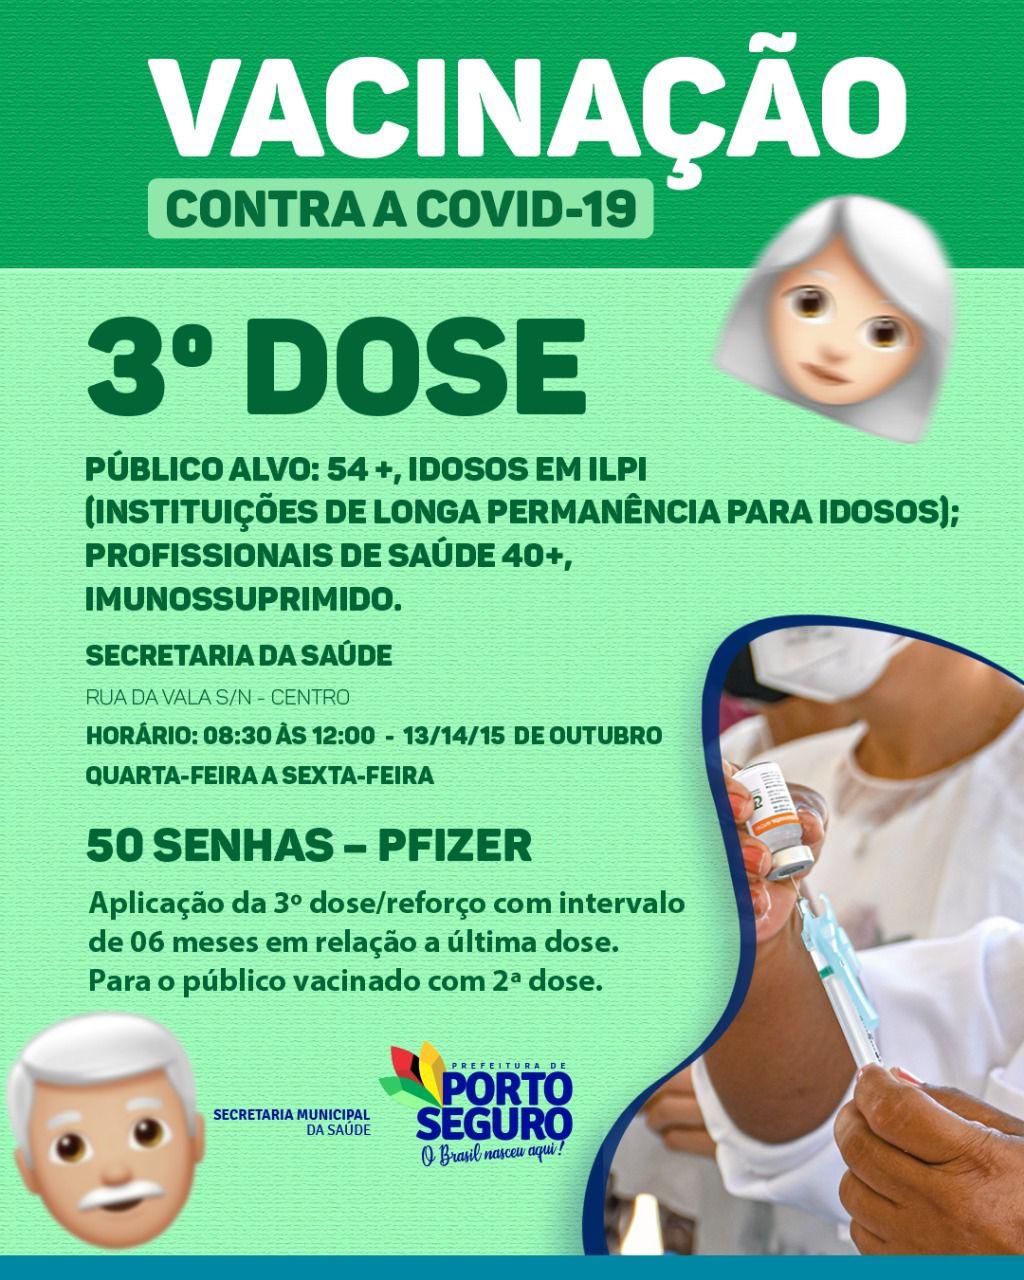 Porto Seguro: Cronograma de Vacinação contra a Covid-19; de 13 a 15/10 32